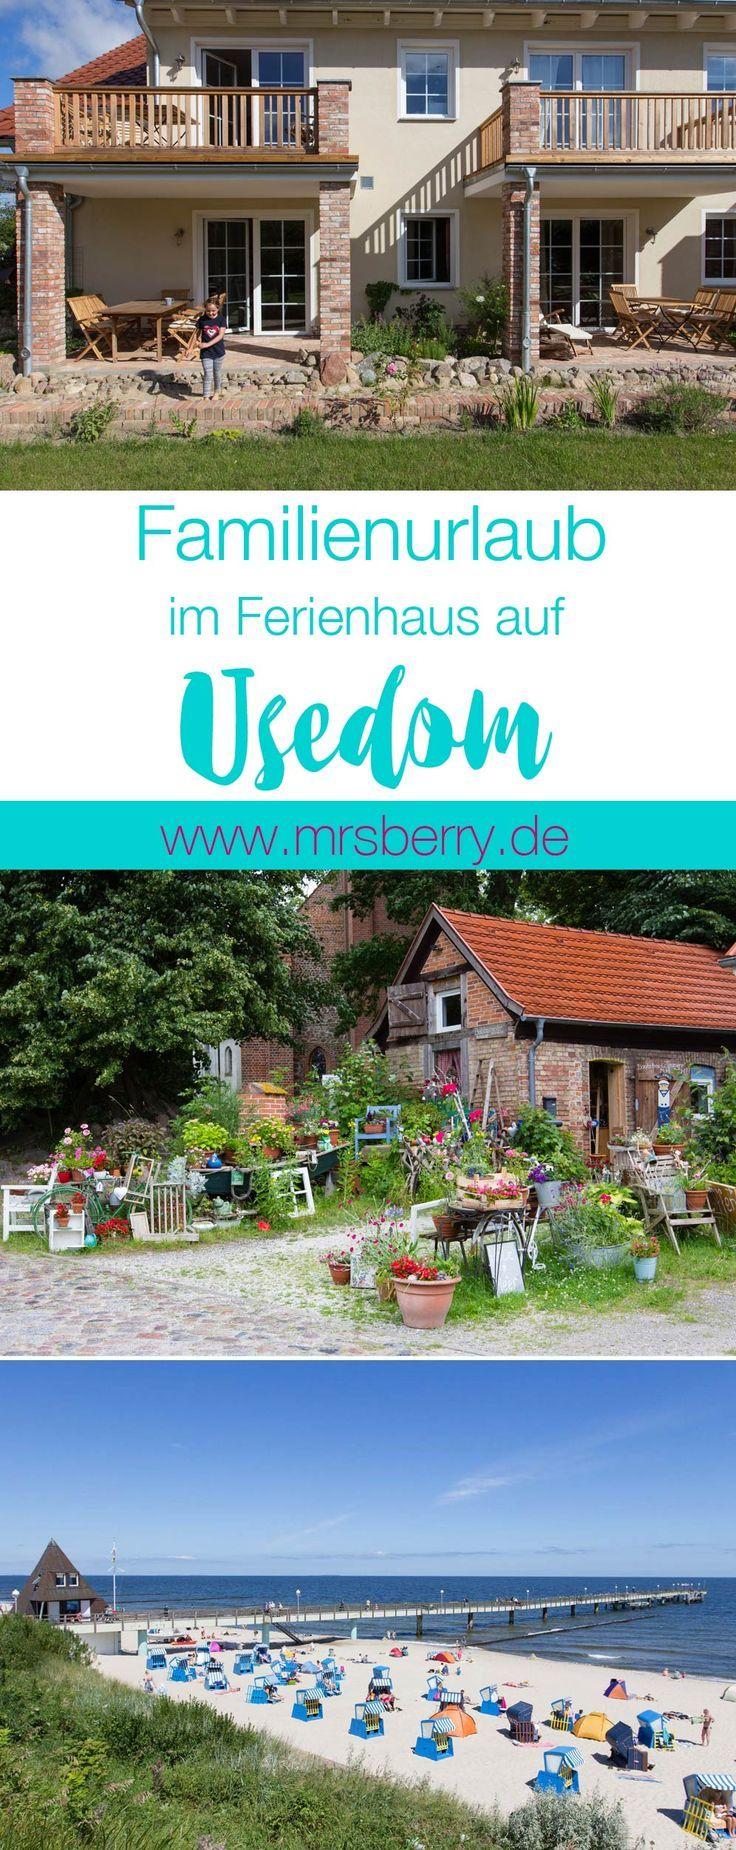 Familienurlaub an der Ostsee - im Ferienhaus auf Insel Usedom | Tipps zur Reise auf https://mrsberry.de